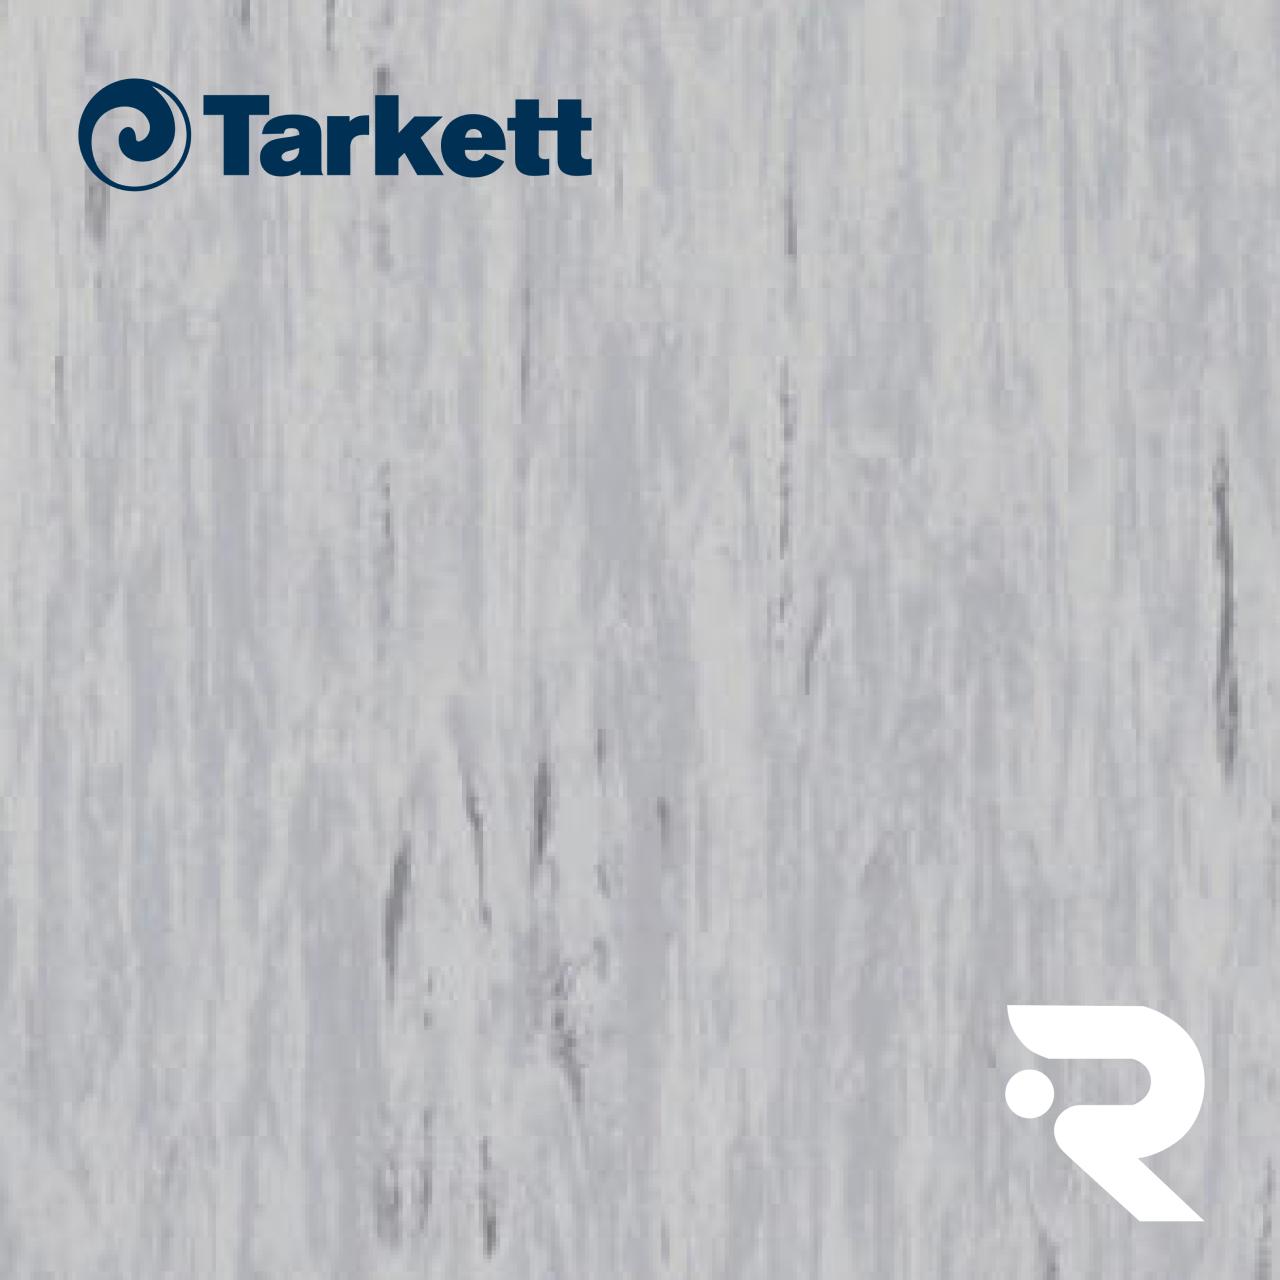 🏫 Гомогенний лінолеум Tarkett | Standard LIGHT BEIGE GREY 0494 | Standard Plus 2.0 mm | 610 х 610 мм